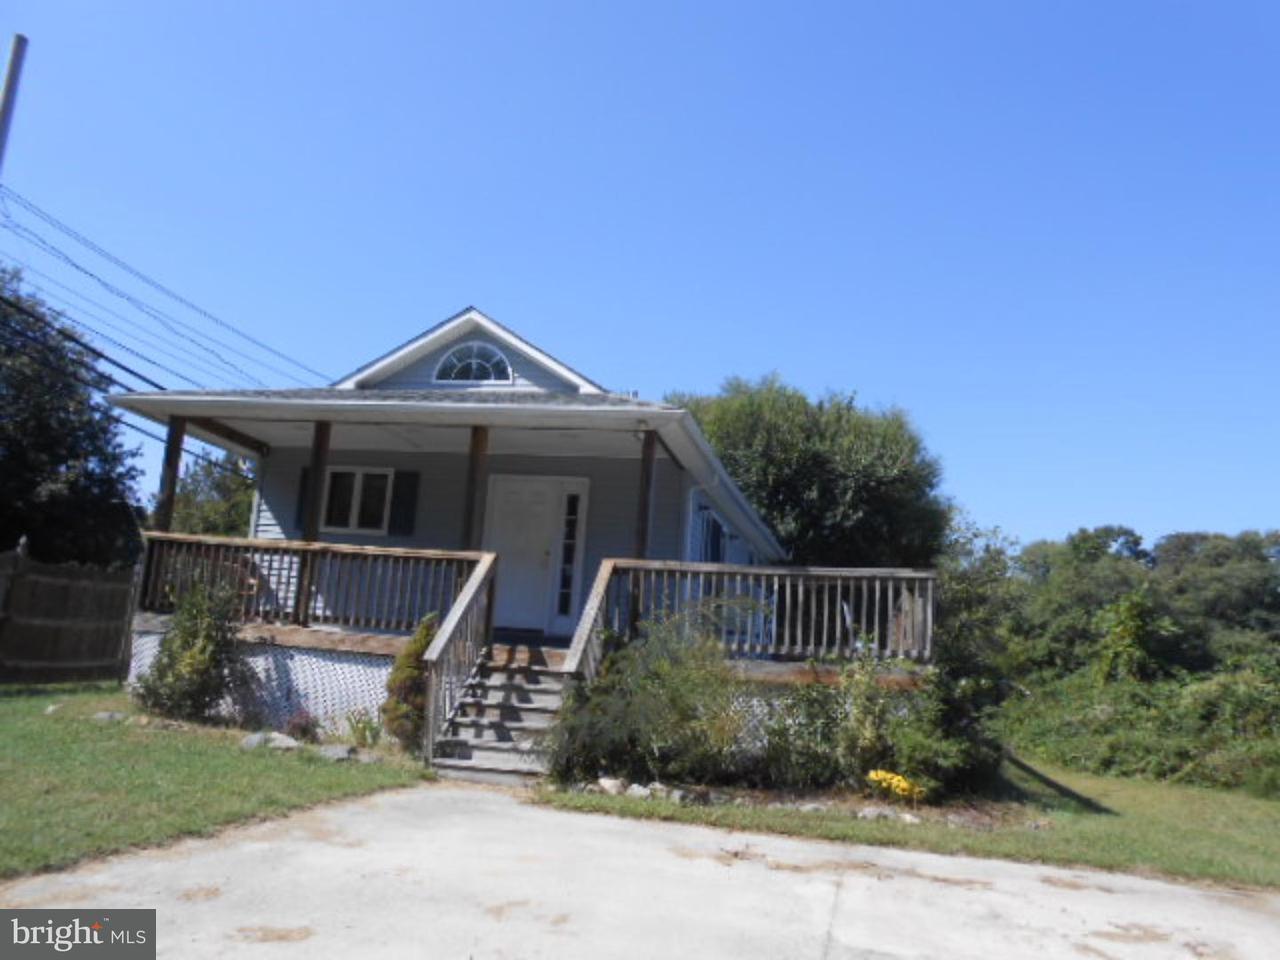 Частный односемейный дом для того Аренда на 19 BRIDGETON FAIRTON Road Fairton, Нью-Джерси 08302 Соединенные Штаты